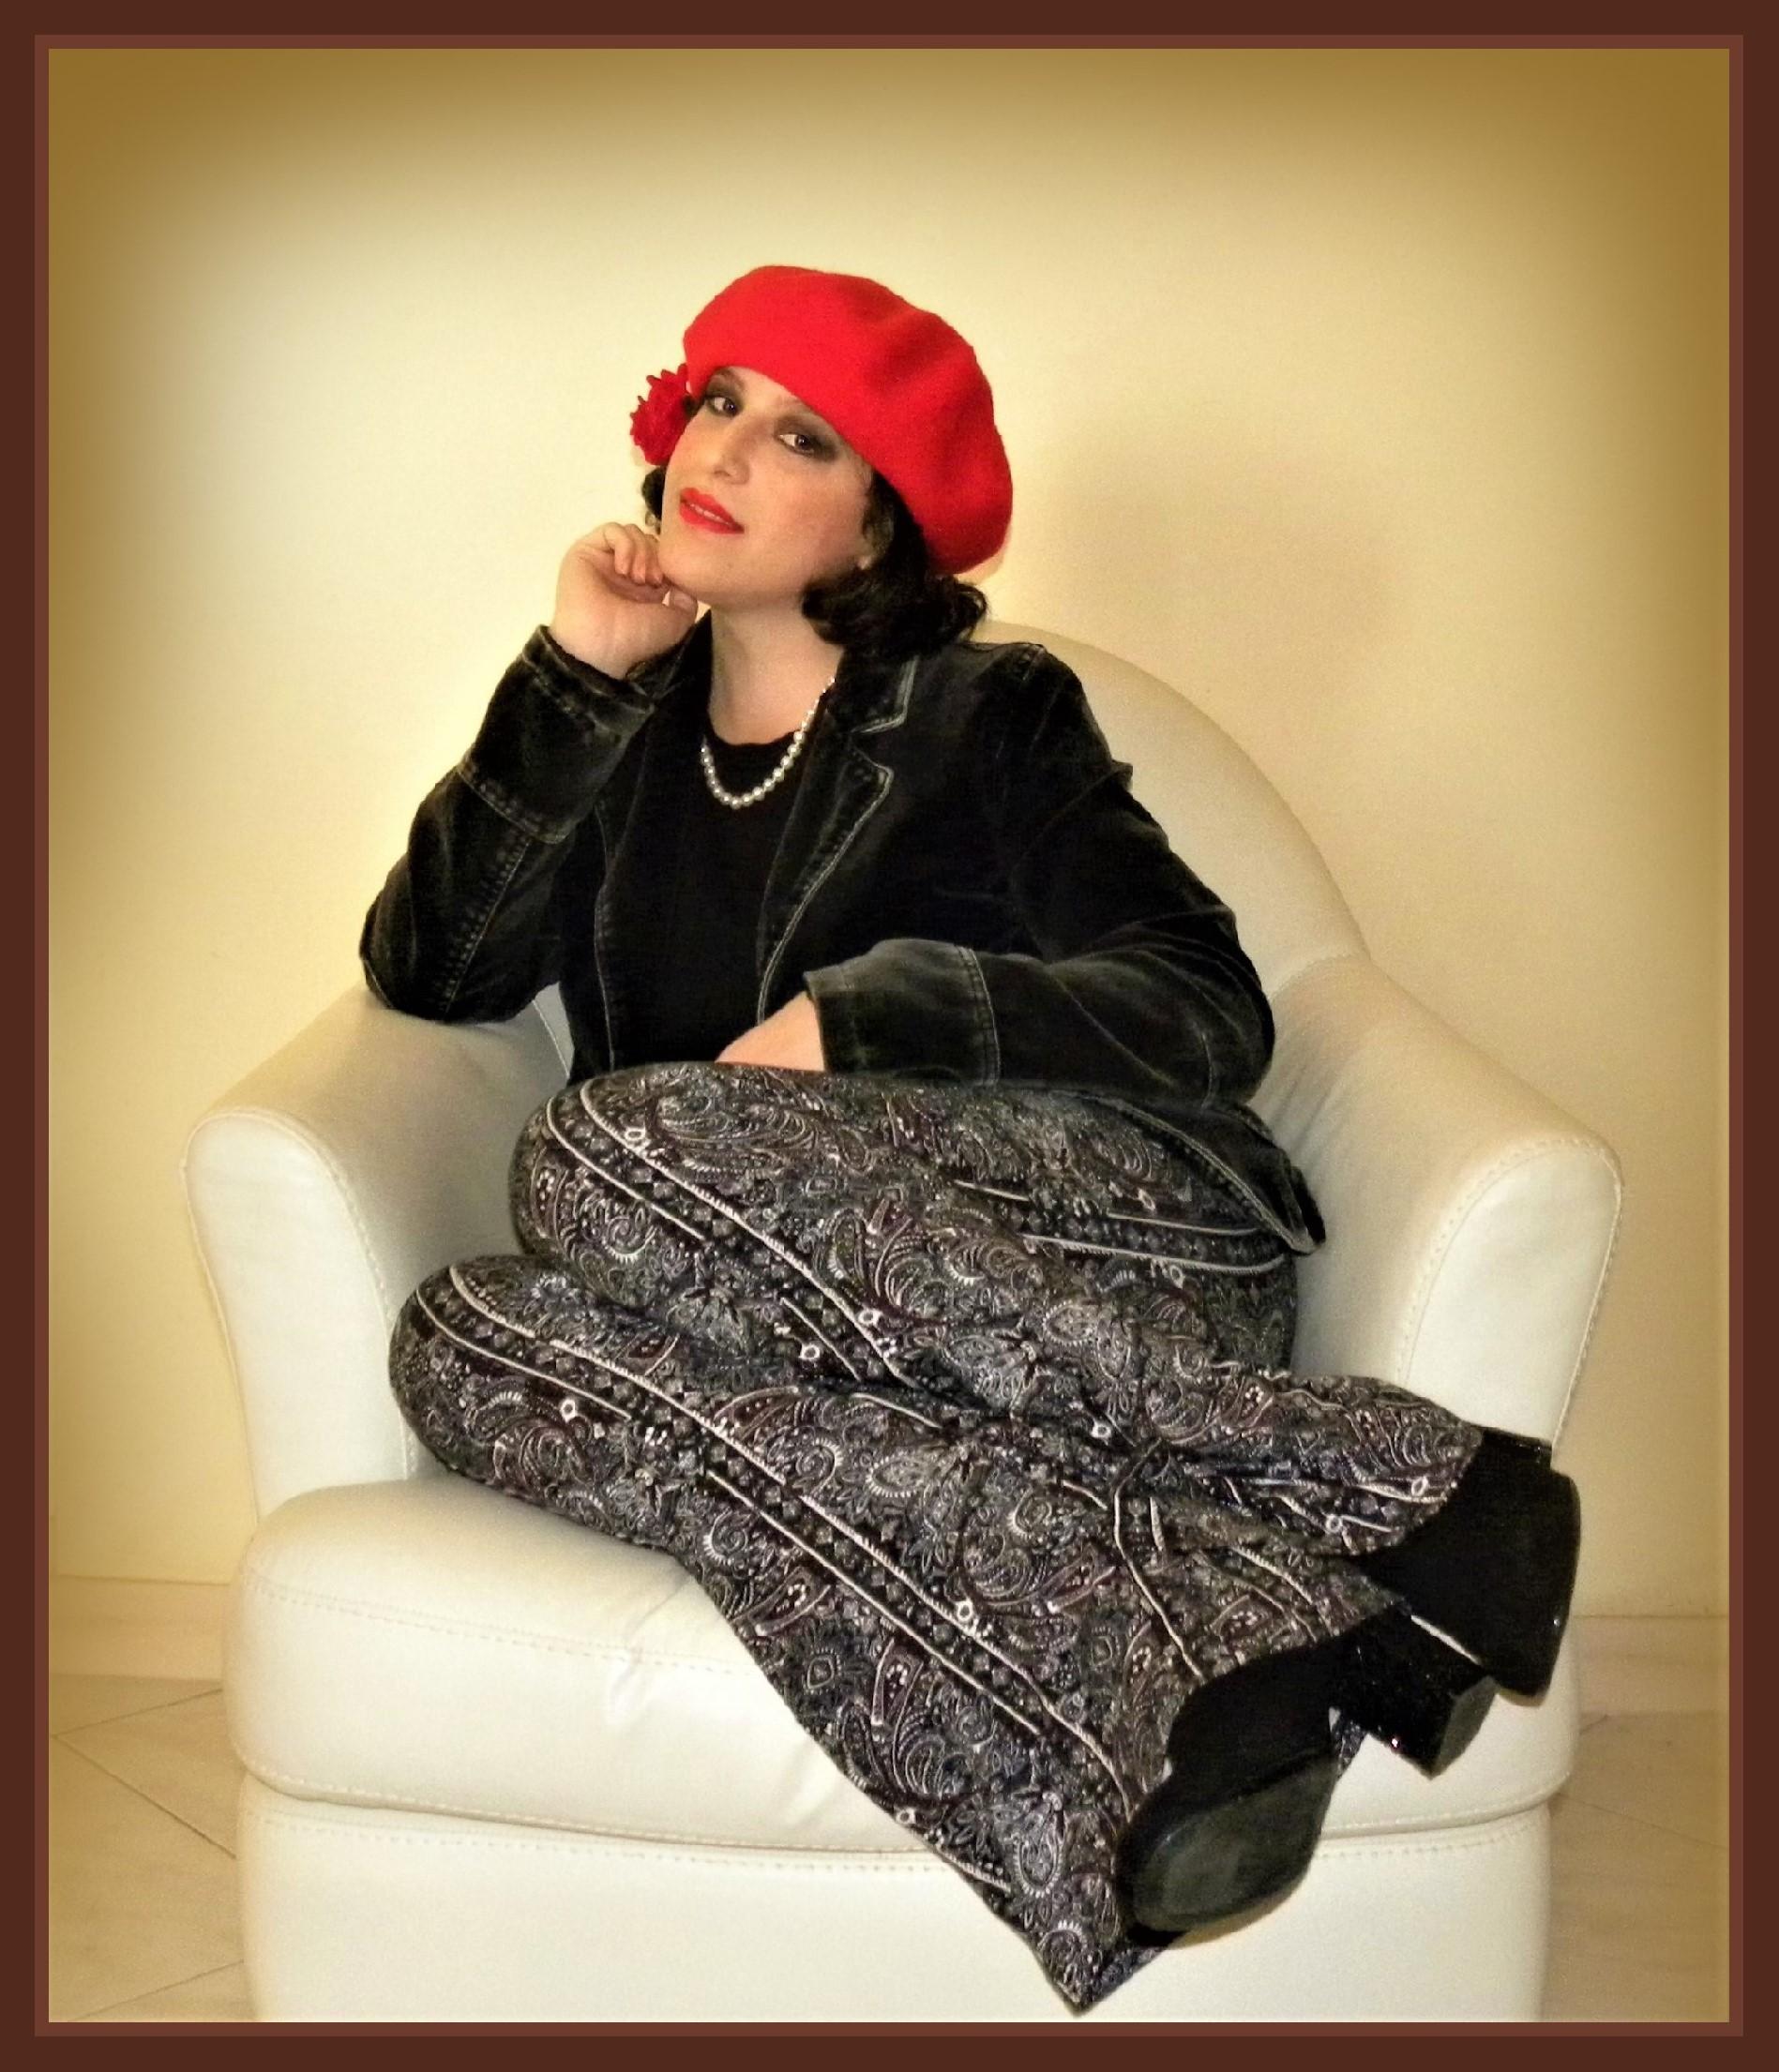 cappello-rosso-leggings